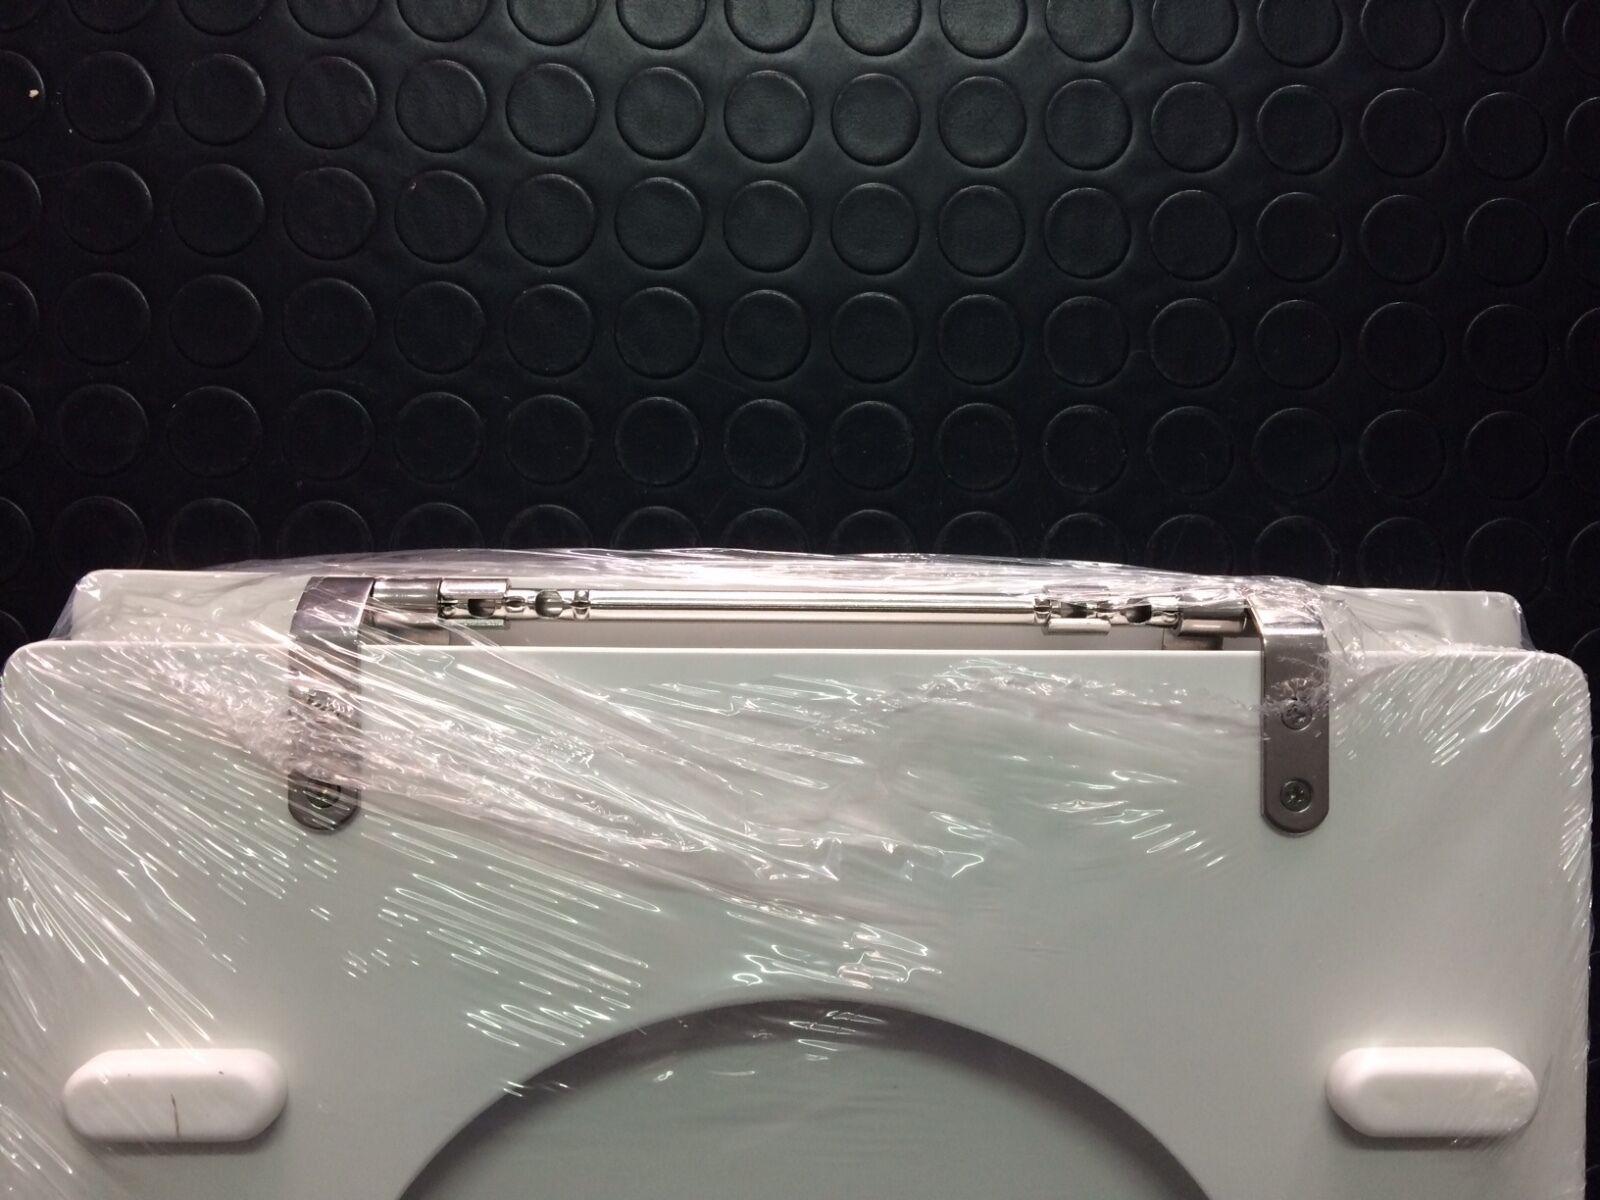 SEDILE SEDILE SEDILE COPRIWATER WC  - CATALANO mod ZERO   SOSPESO (alta qualità Made in ITALY) eac14b